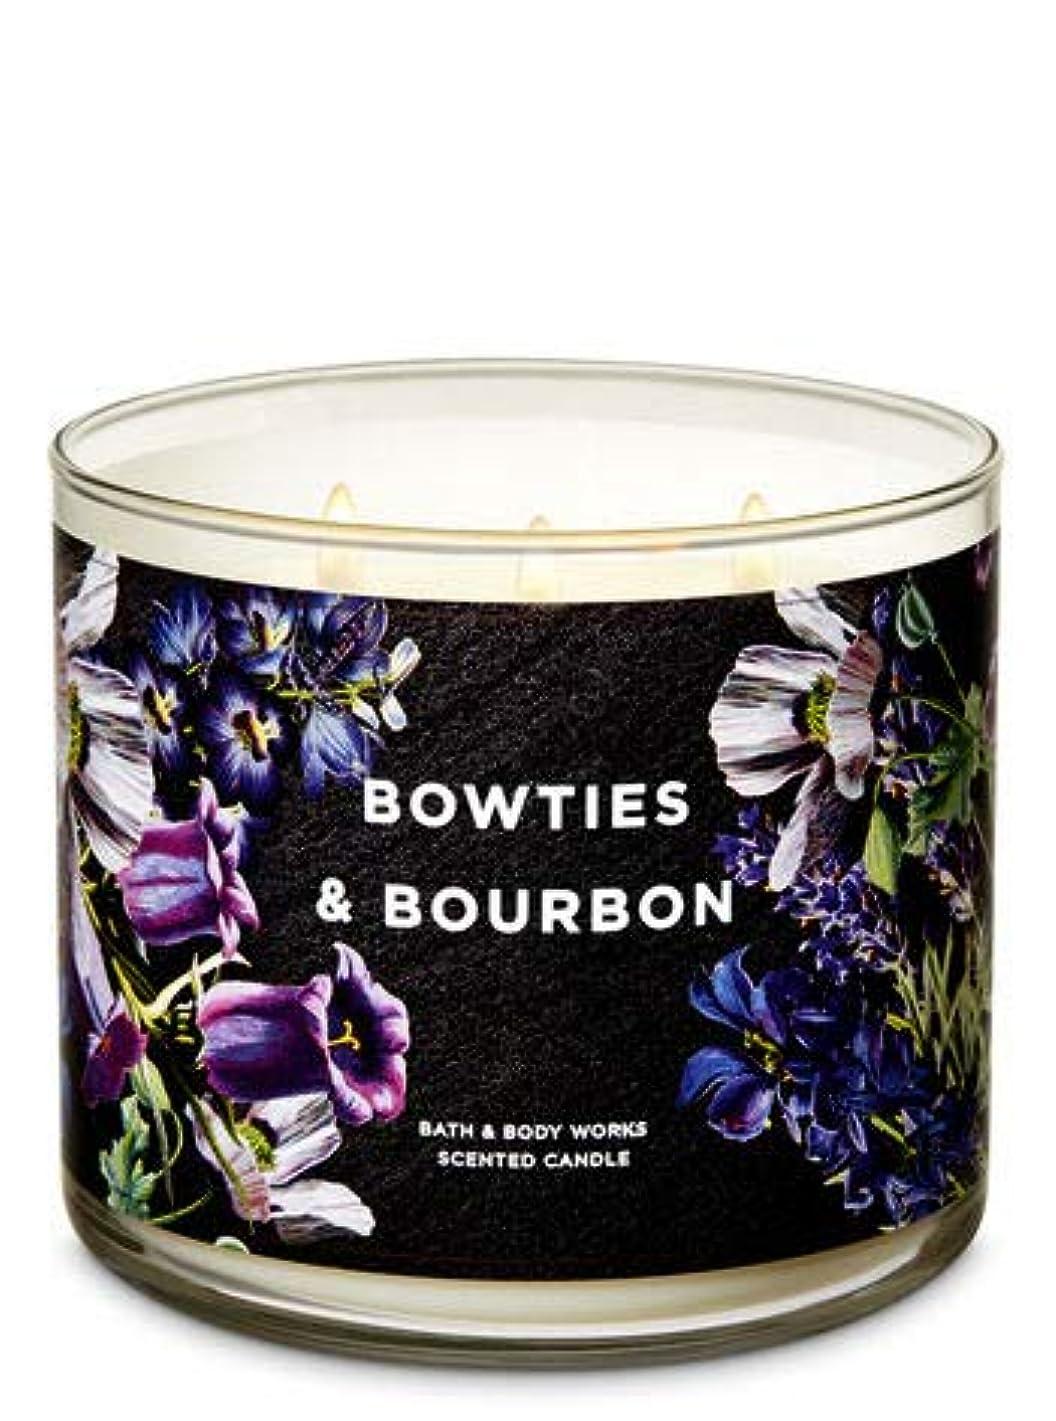 従事する強います食用【Bath&Body Works/バス&ボディワークス】 アロマキャンドル ボウタイ&バーボン 3-Wick Scented Candle Bowties & Bourbon 14.5oz/411g [並行輸入品]